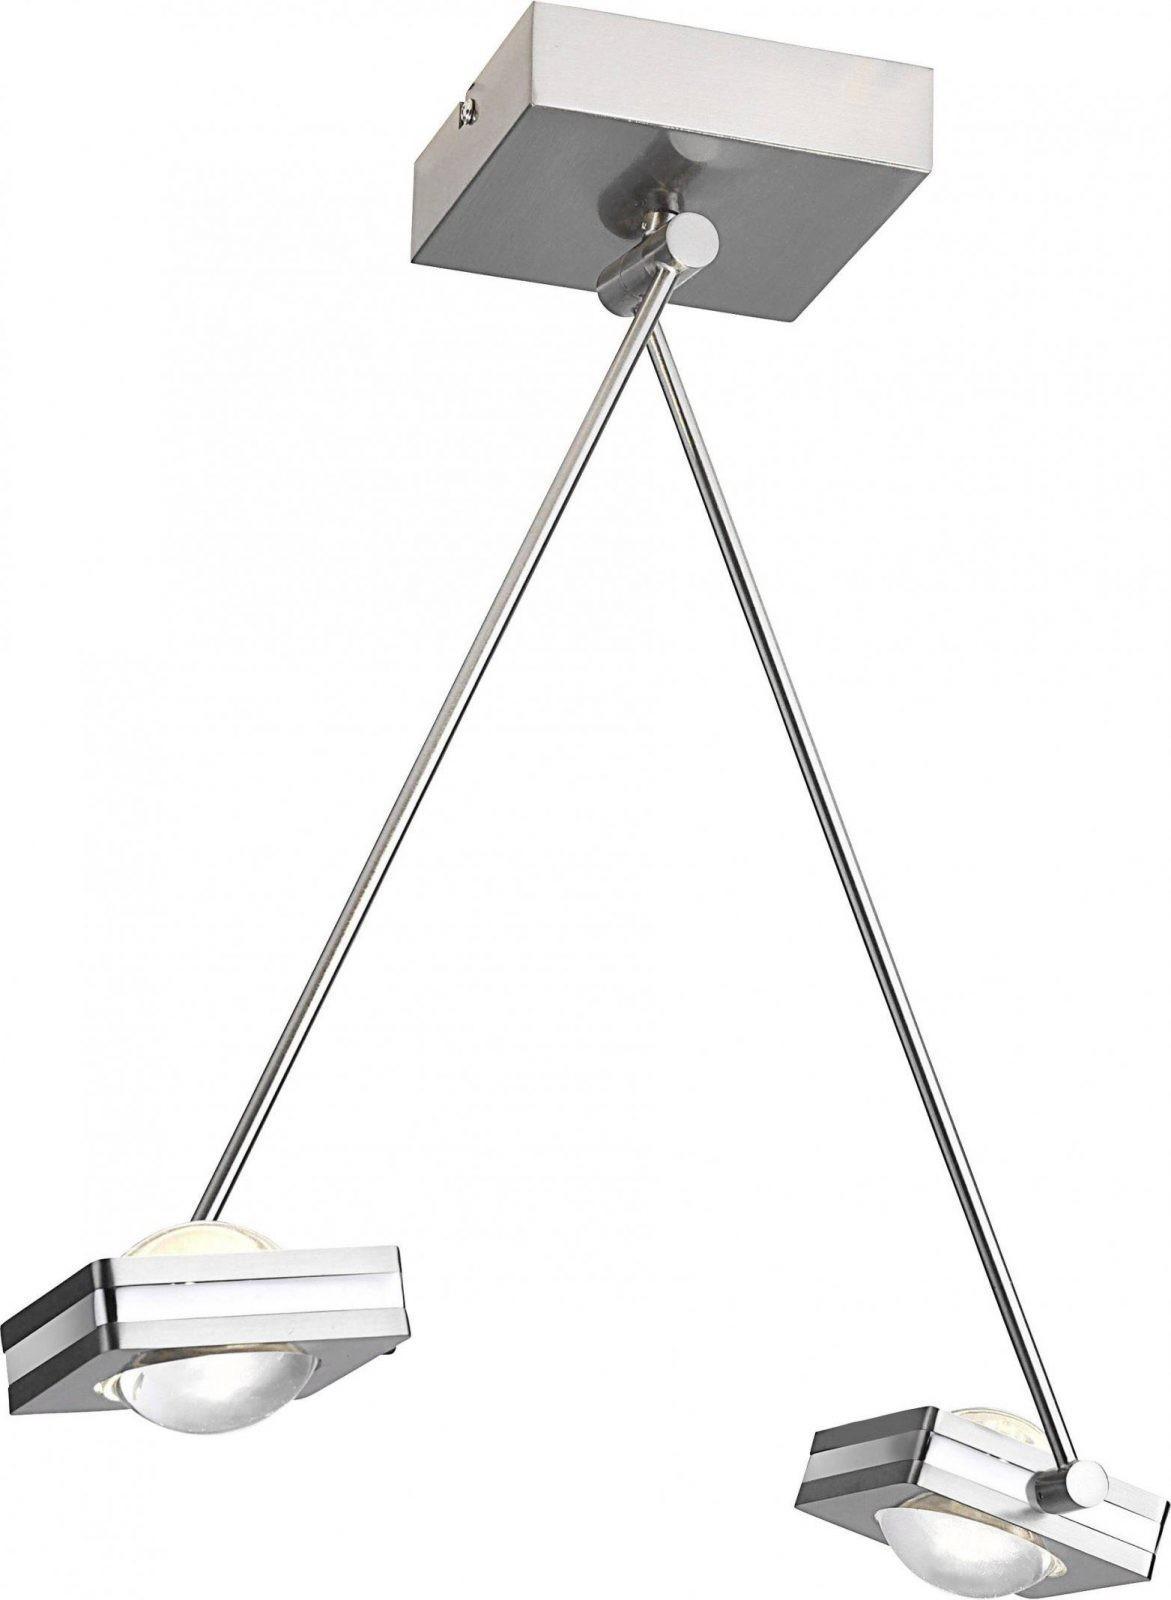 Paul Neuhaus Q® Led Plafondspots Q®Fisheye Led Vast Ingebouwd 12 W von Lampen Von Paul Neuhaus Photo